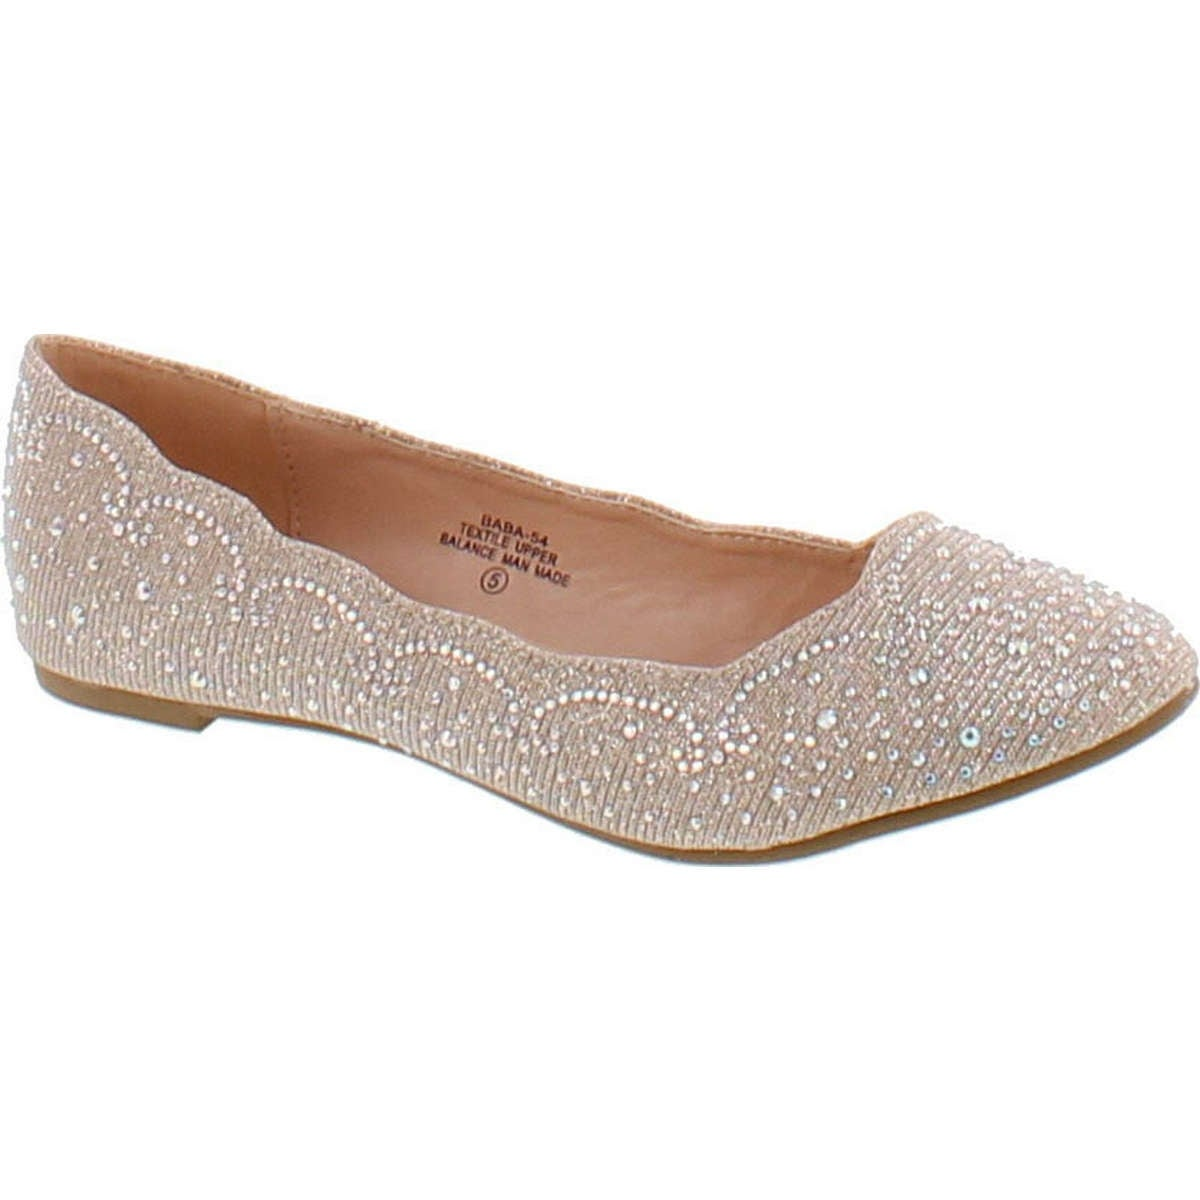 b2aea77dfae2 De Blossom Footwear Women s Baba-54 Sparkly Crystal Rhinestone Ballet Flats